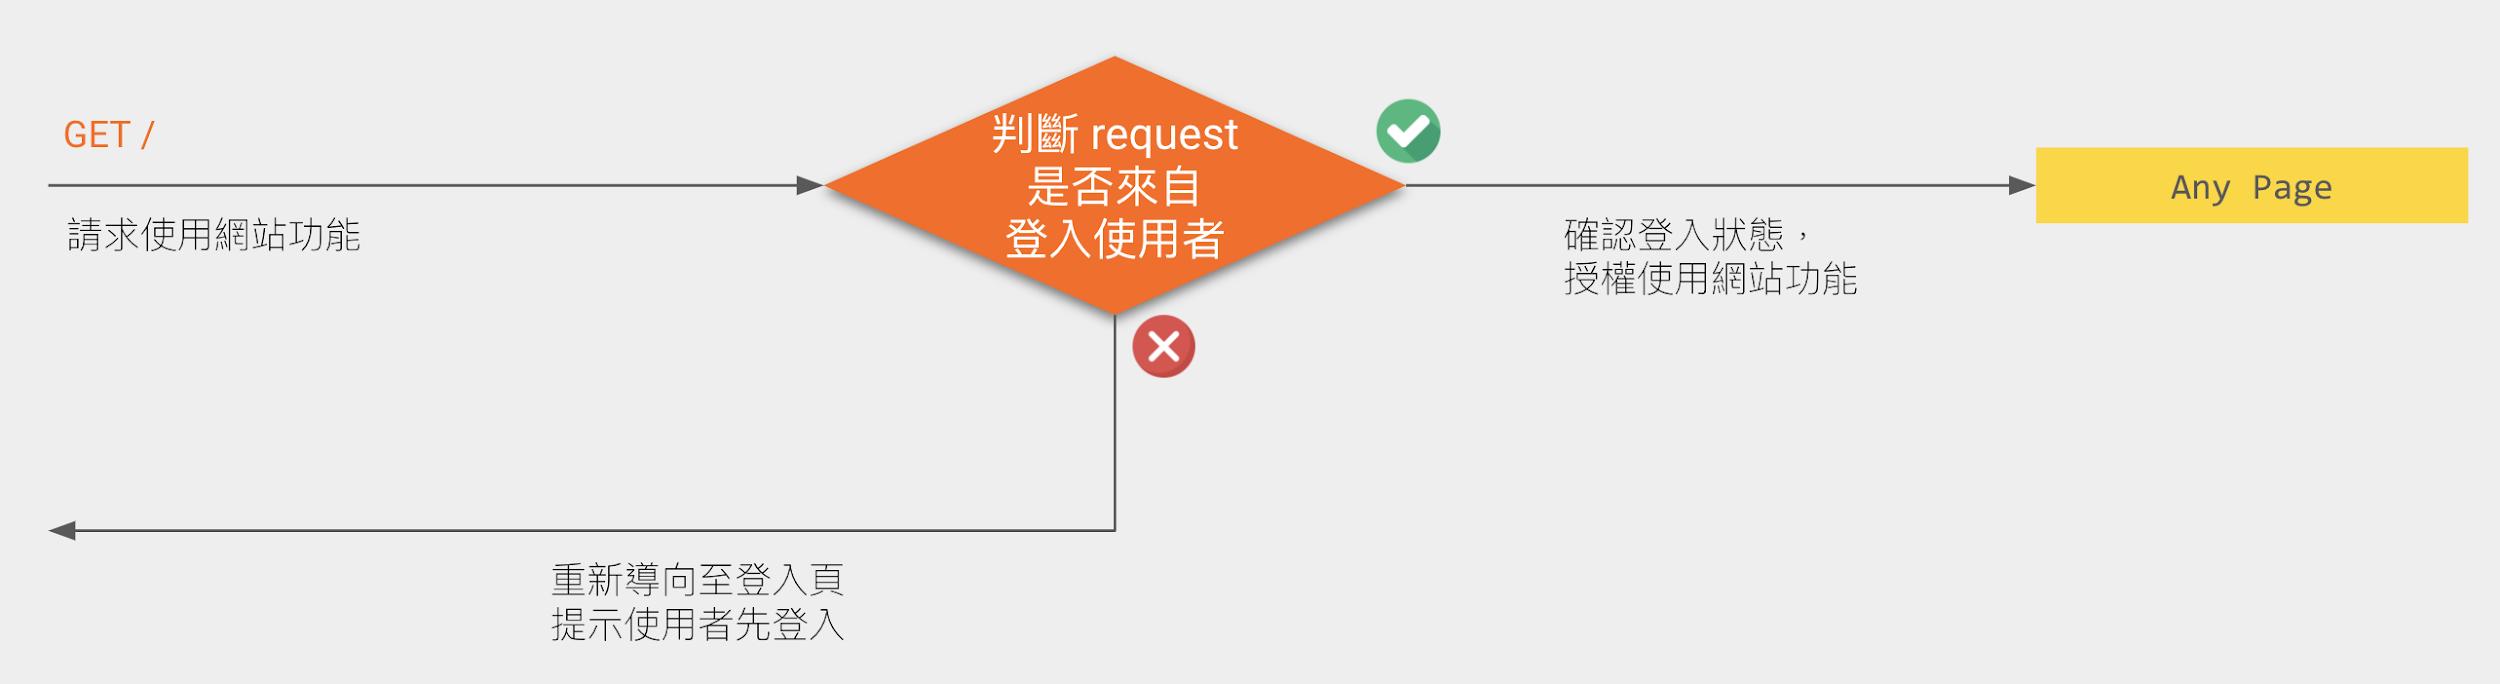 保存使用者登入狀態